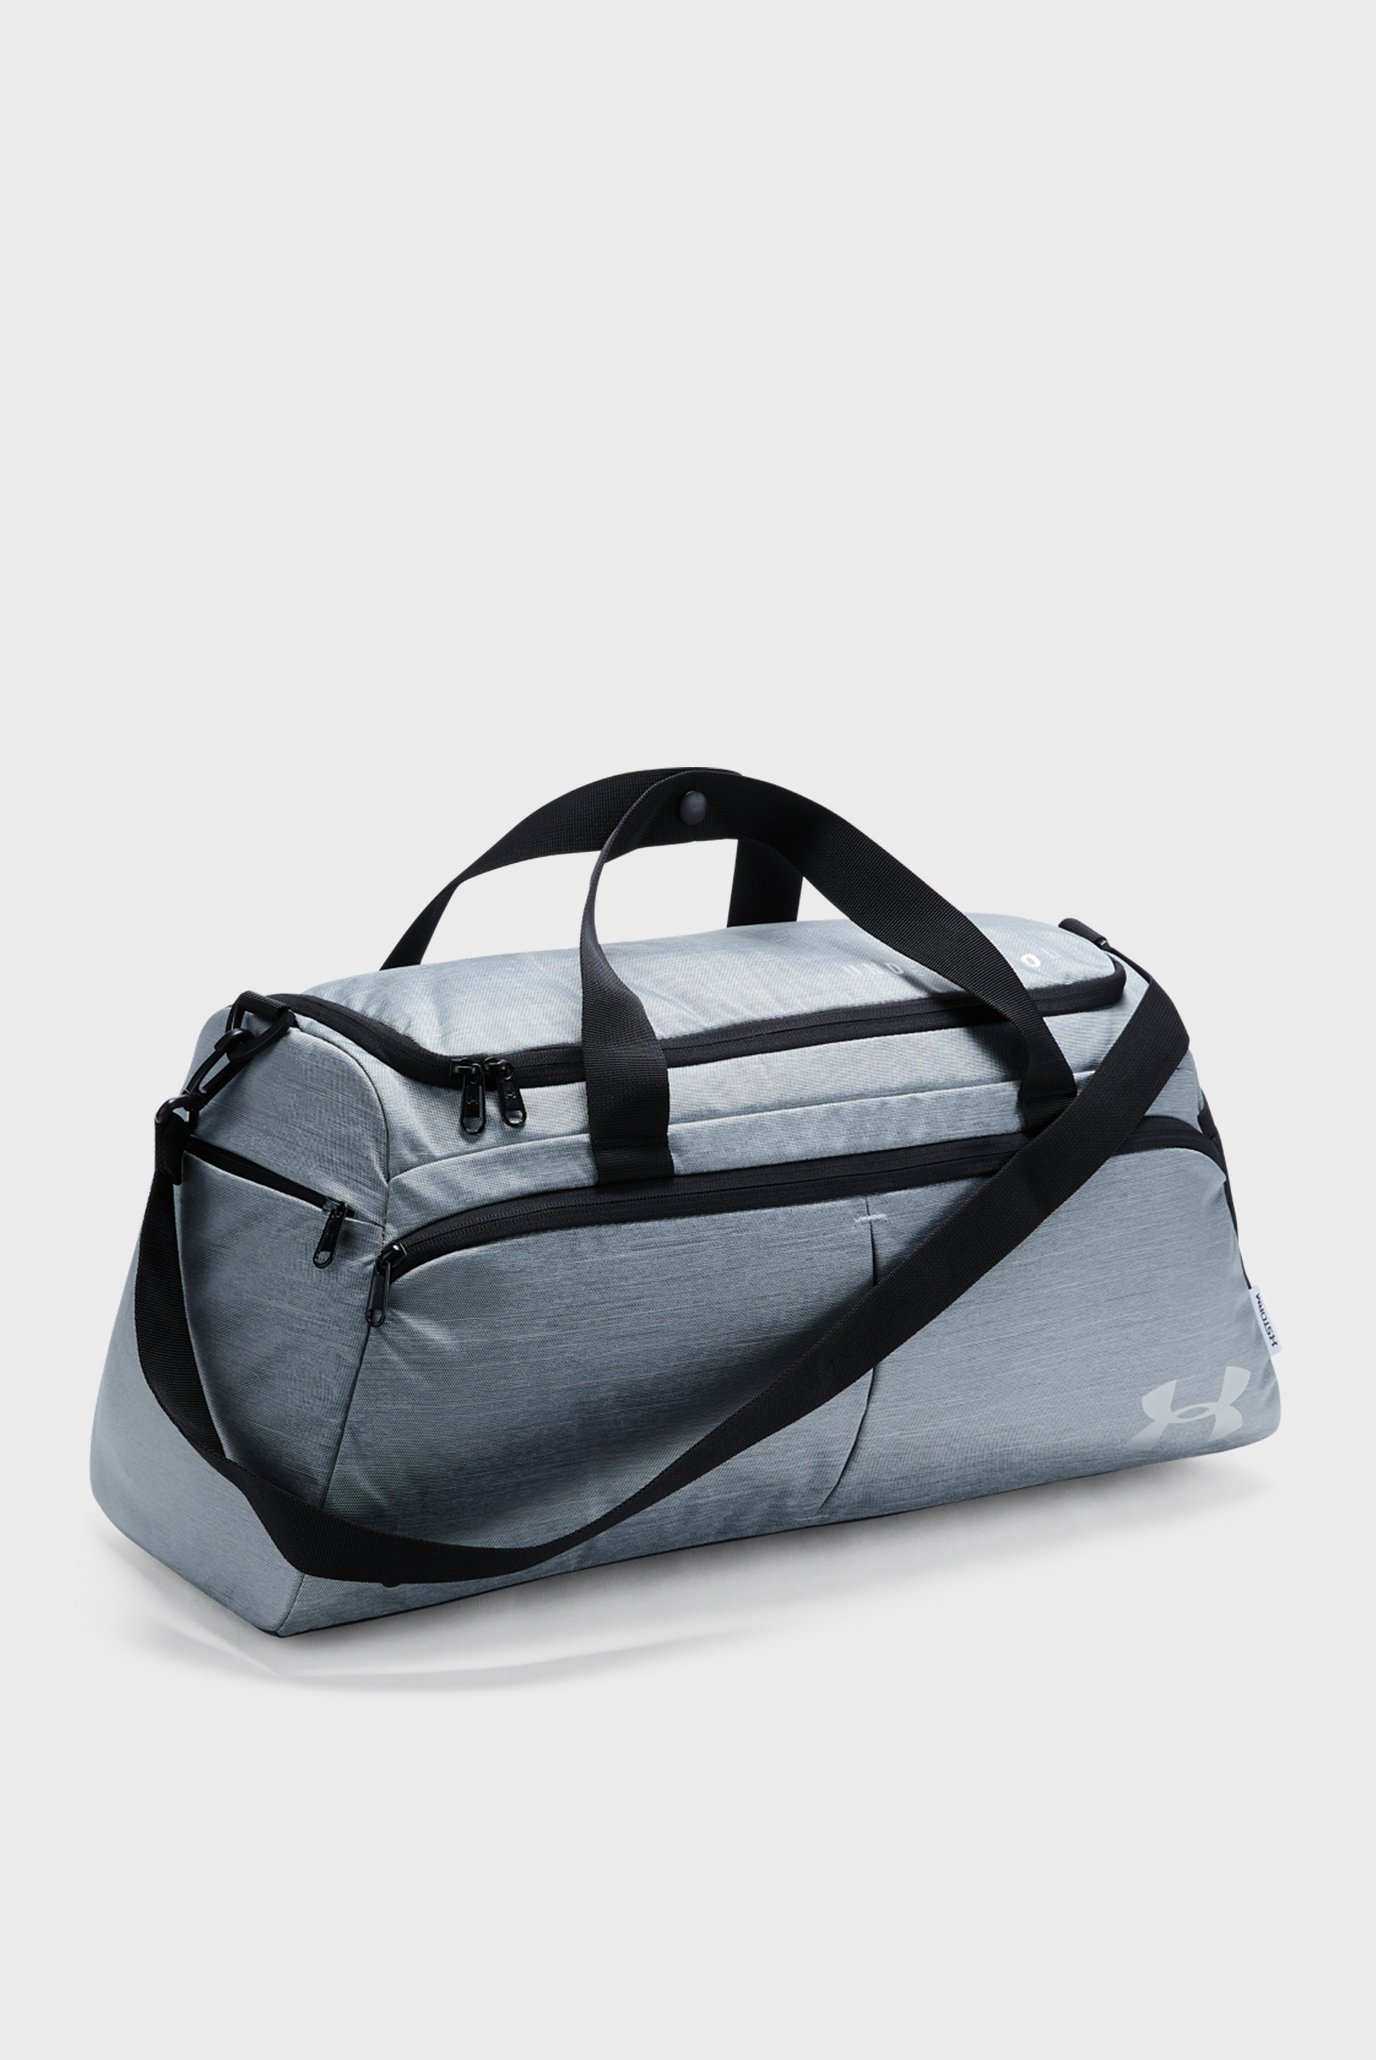 1cc1724133b9 Купить Женская серая спортивная сумка W's Undeniable Duffle-S Under Armour  Under Armour 1306405-001 – Киев, ...